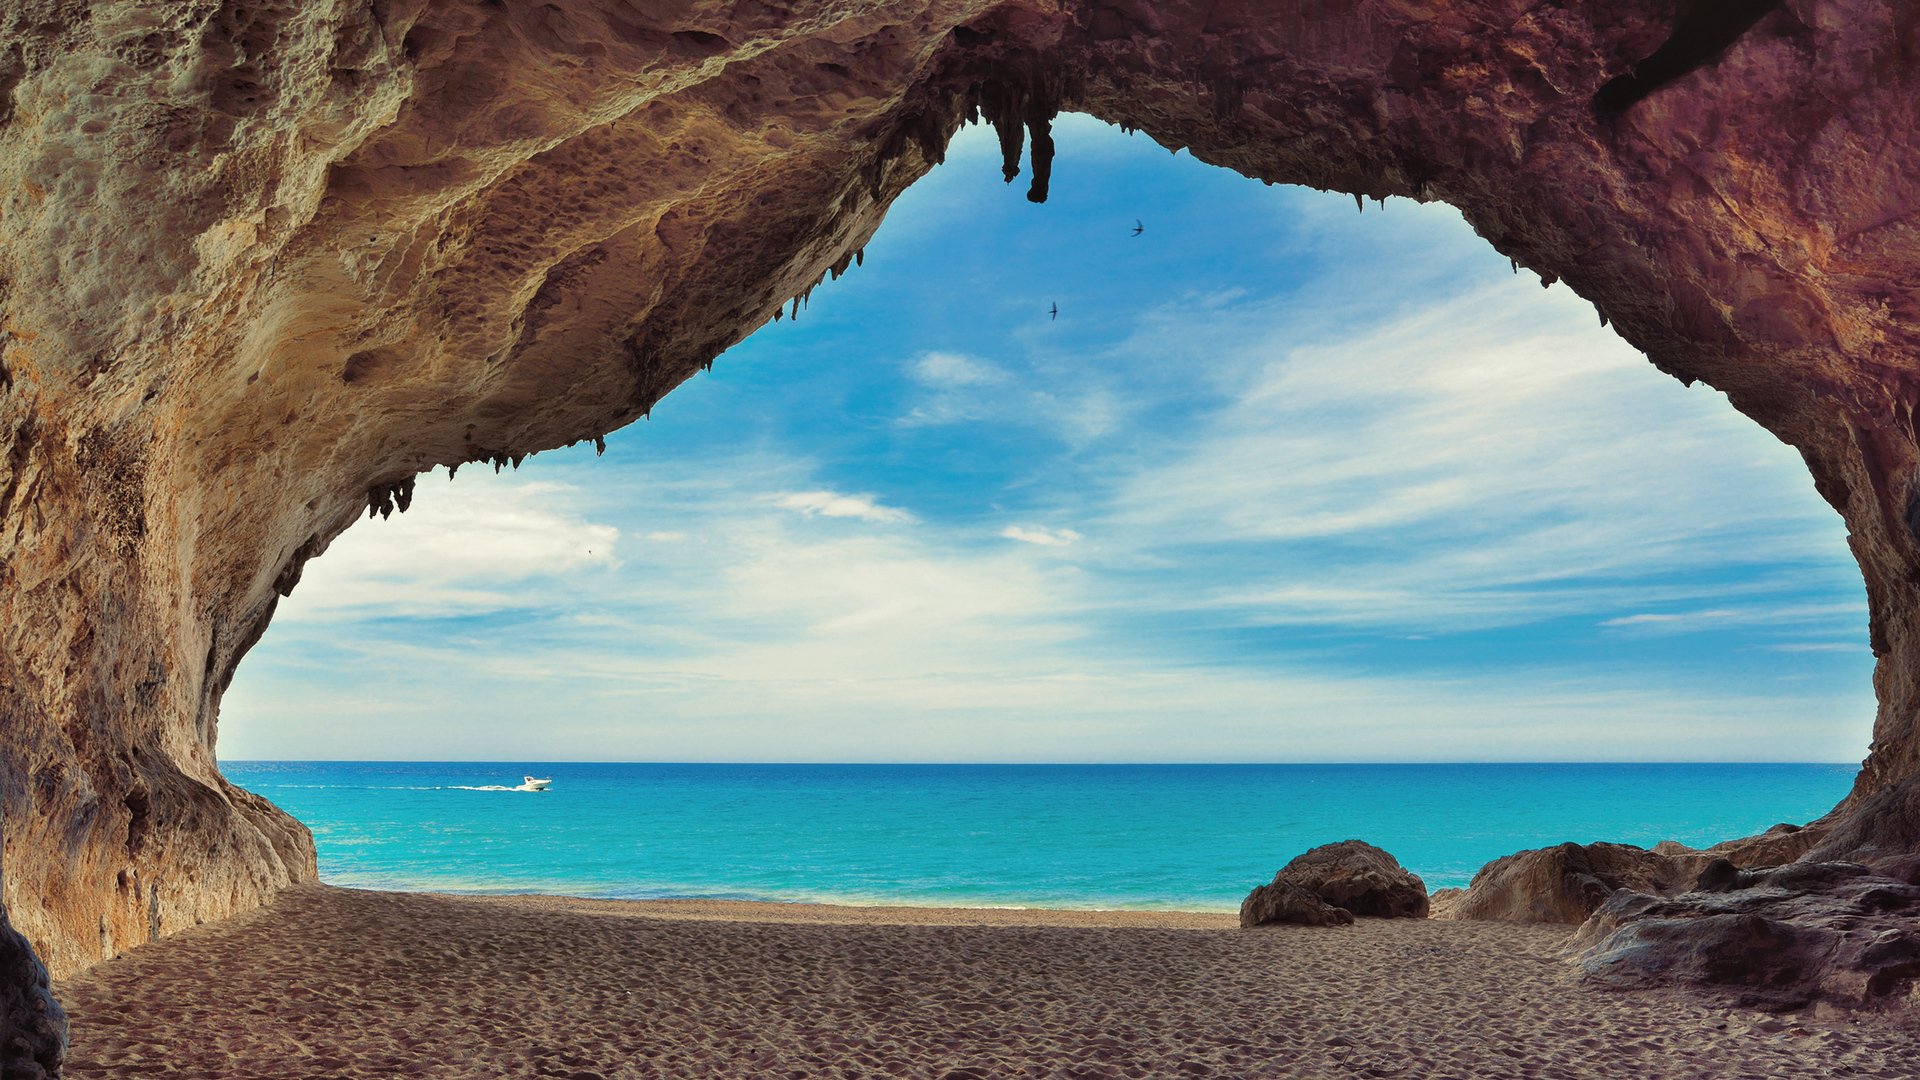 Caves on the beach Cala Luna Sardinia Italy   Beach Wallpapers 1920x1080